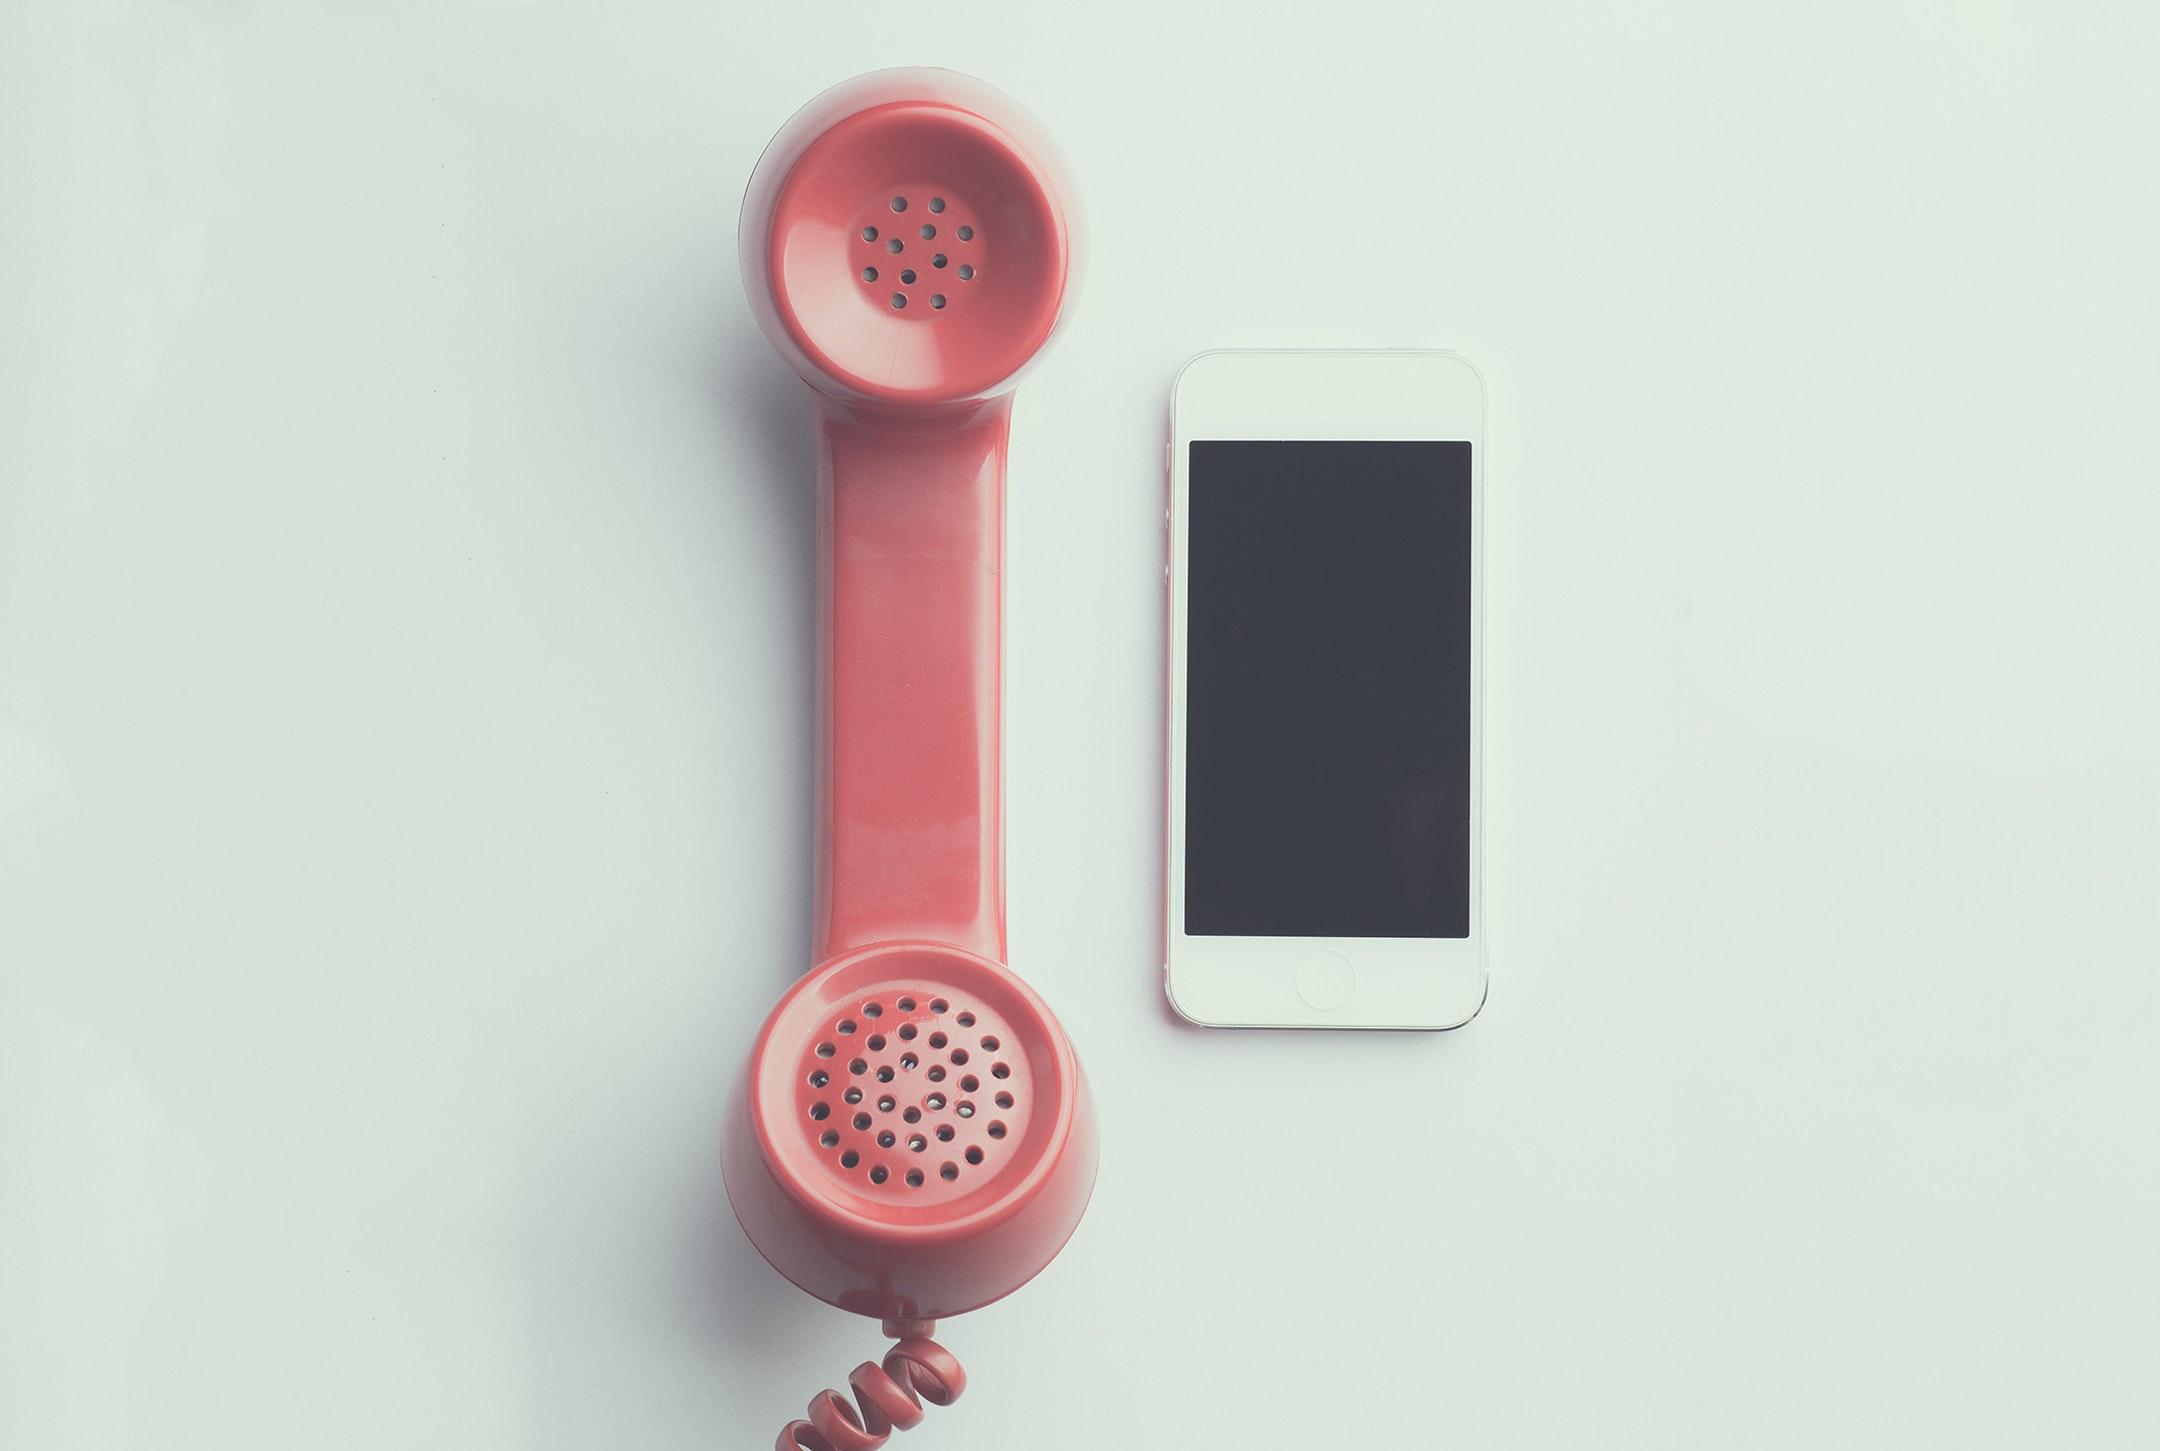 母親の愚痴の電話がストレスだった私が、母親との関係を大きく変化させた方法とは